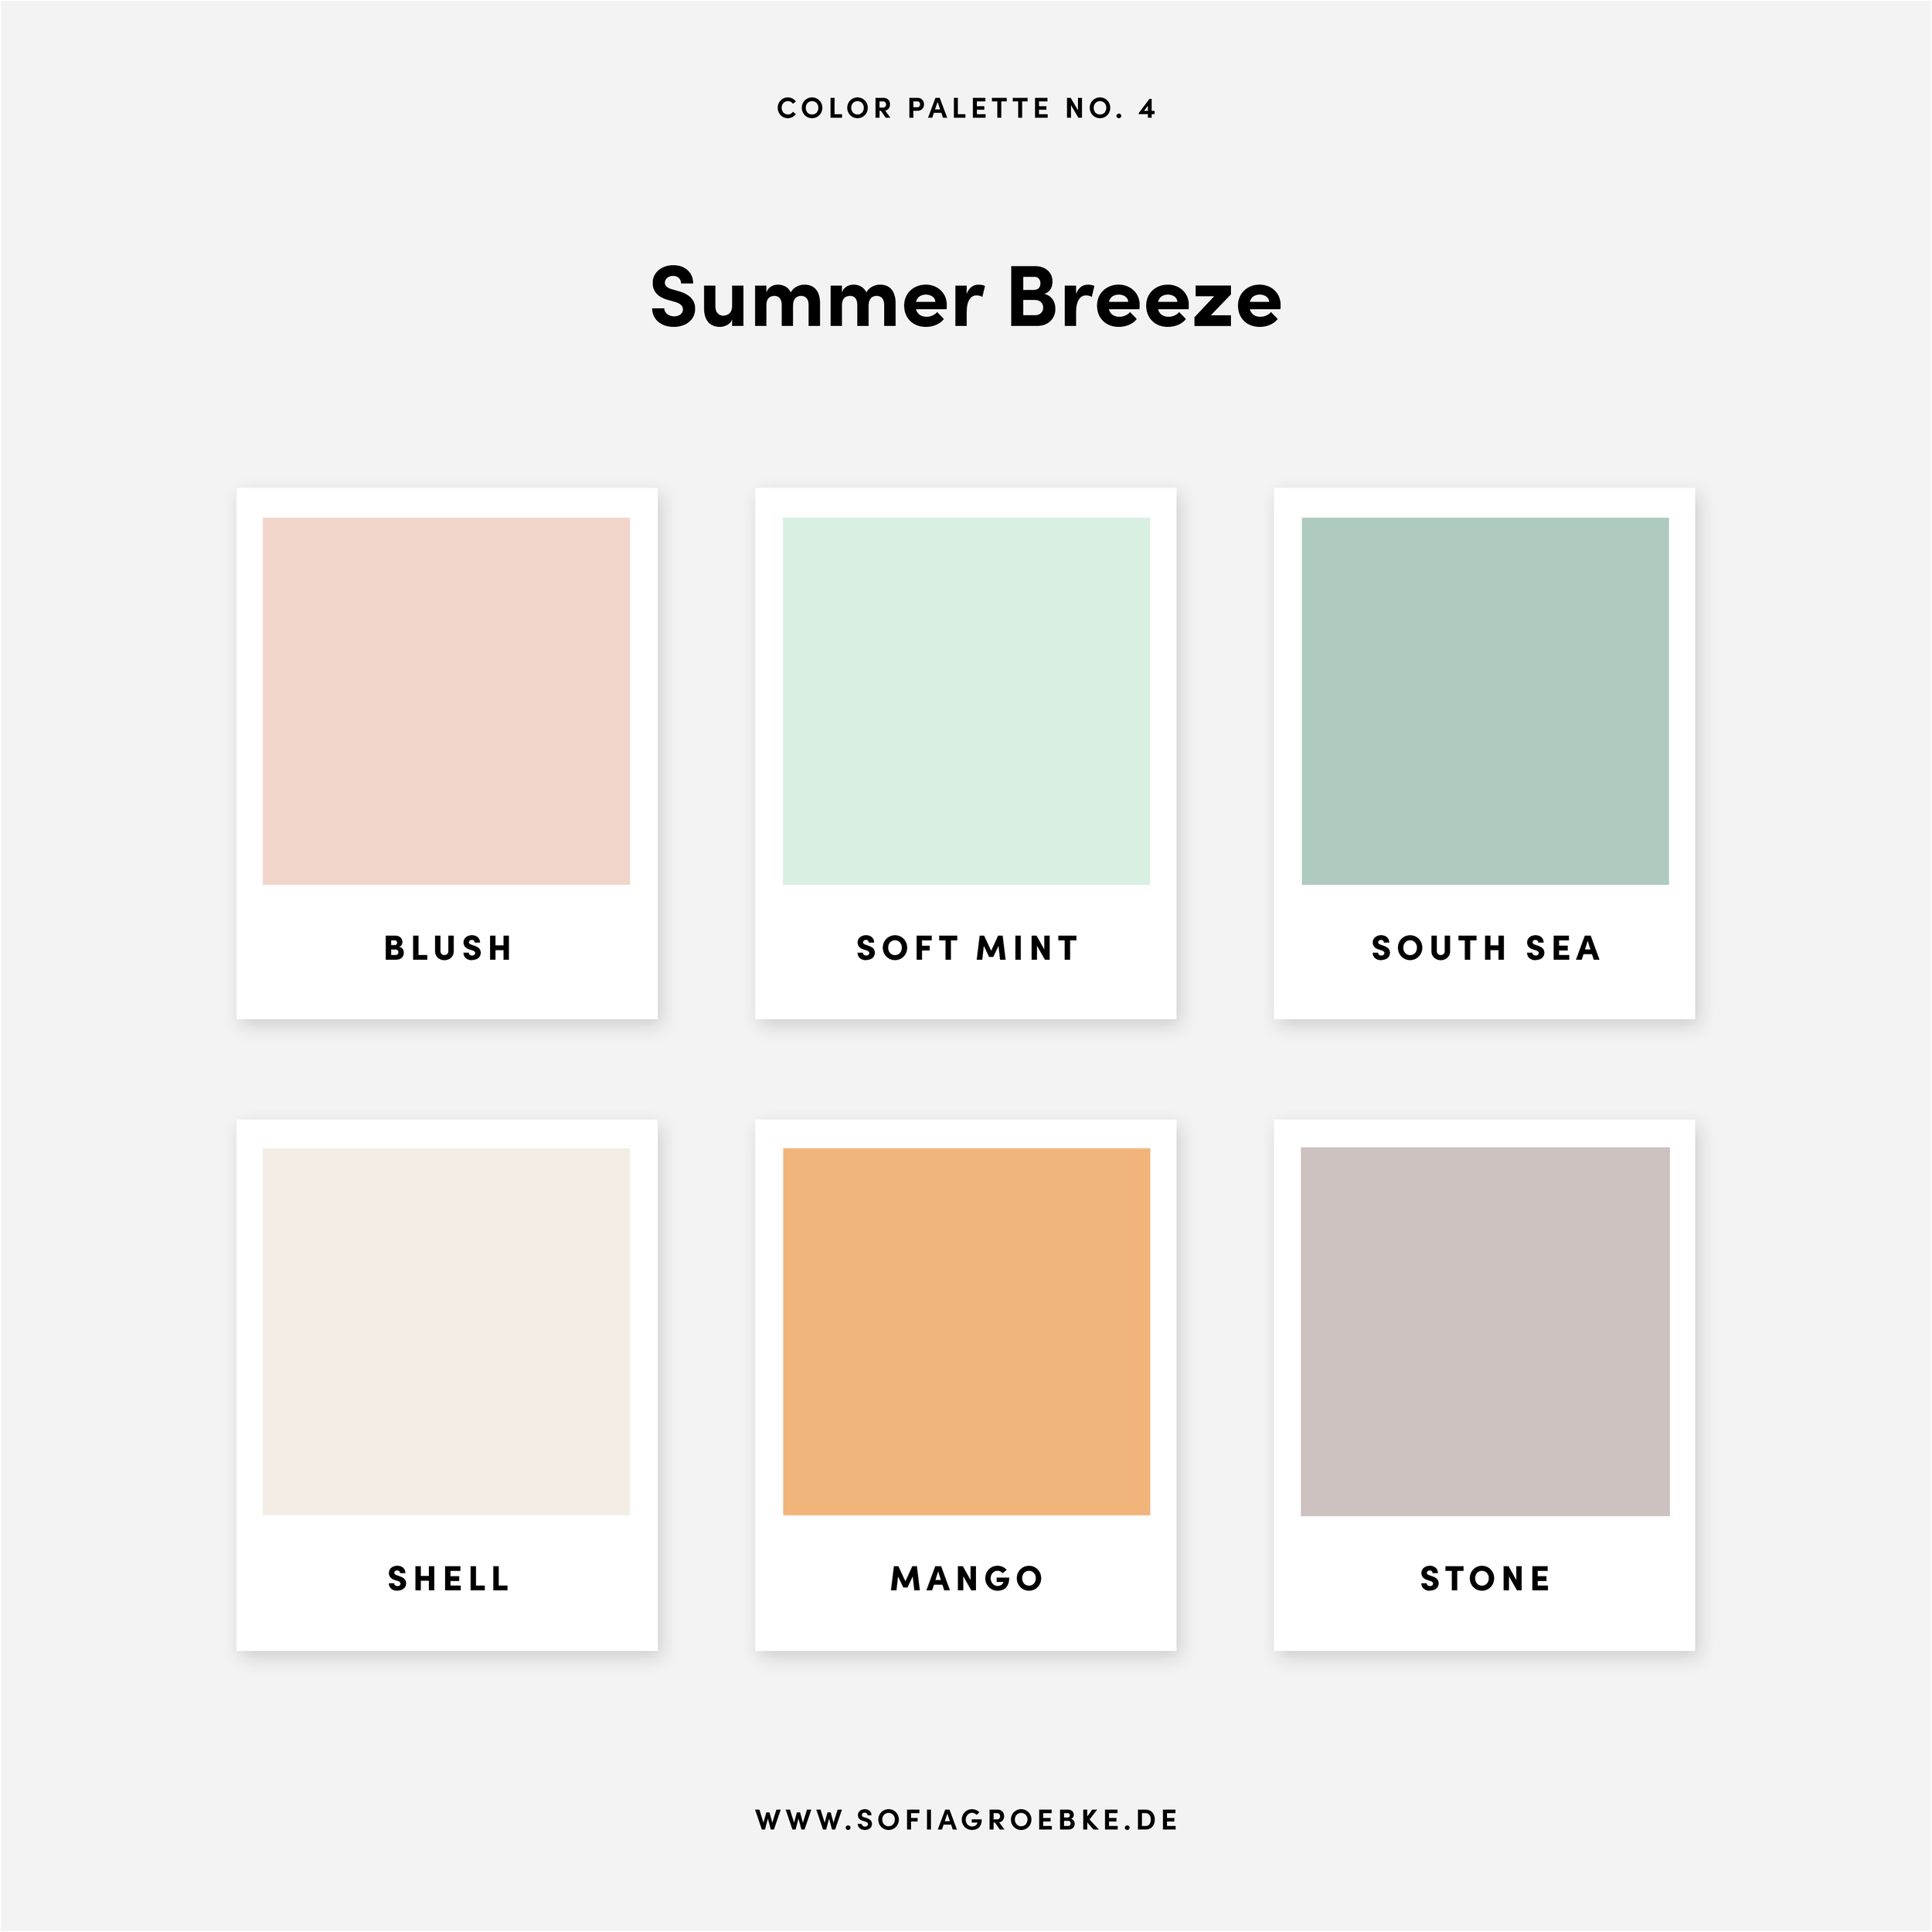 Farbtrends 2020 Grafikdesign und Interieurdesign +  5 Farbpaletten / Color Palettes